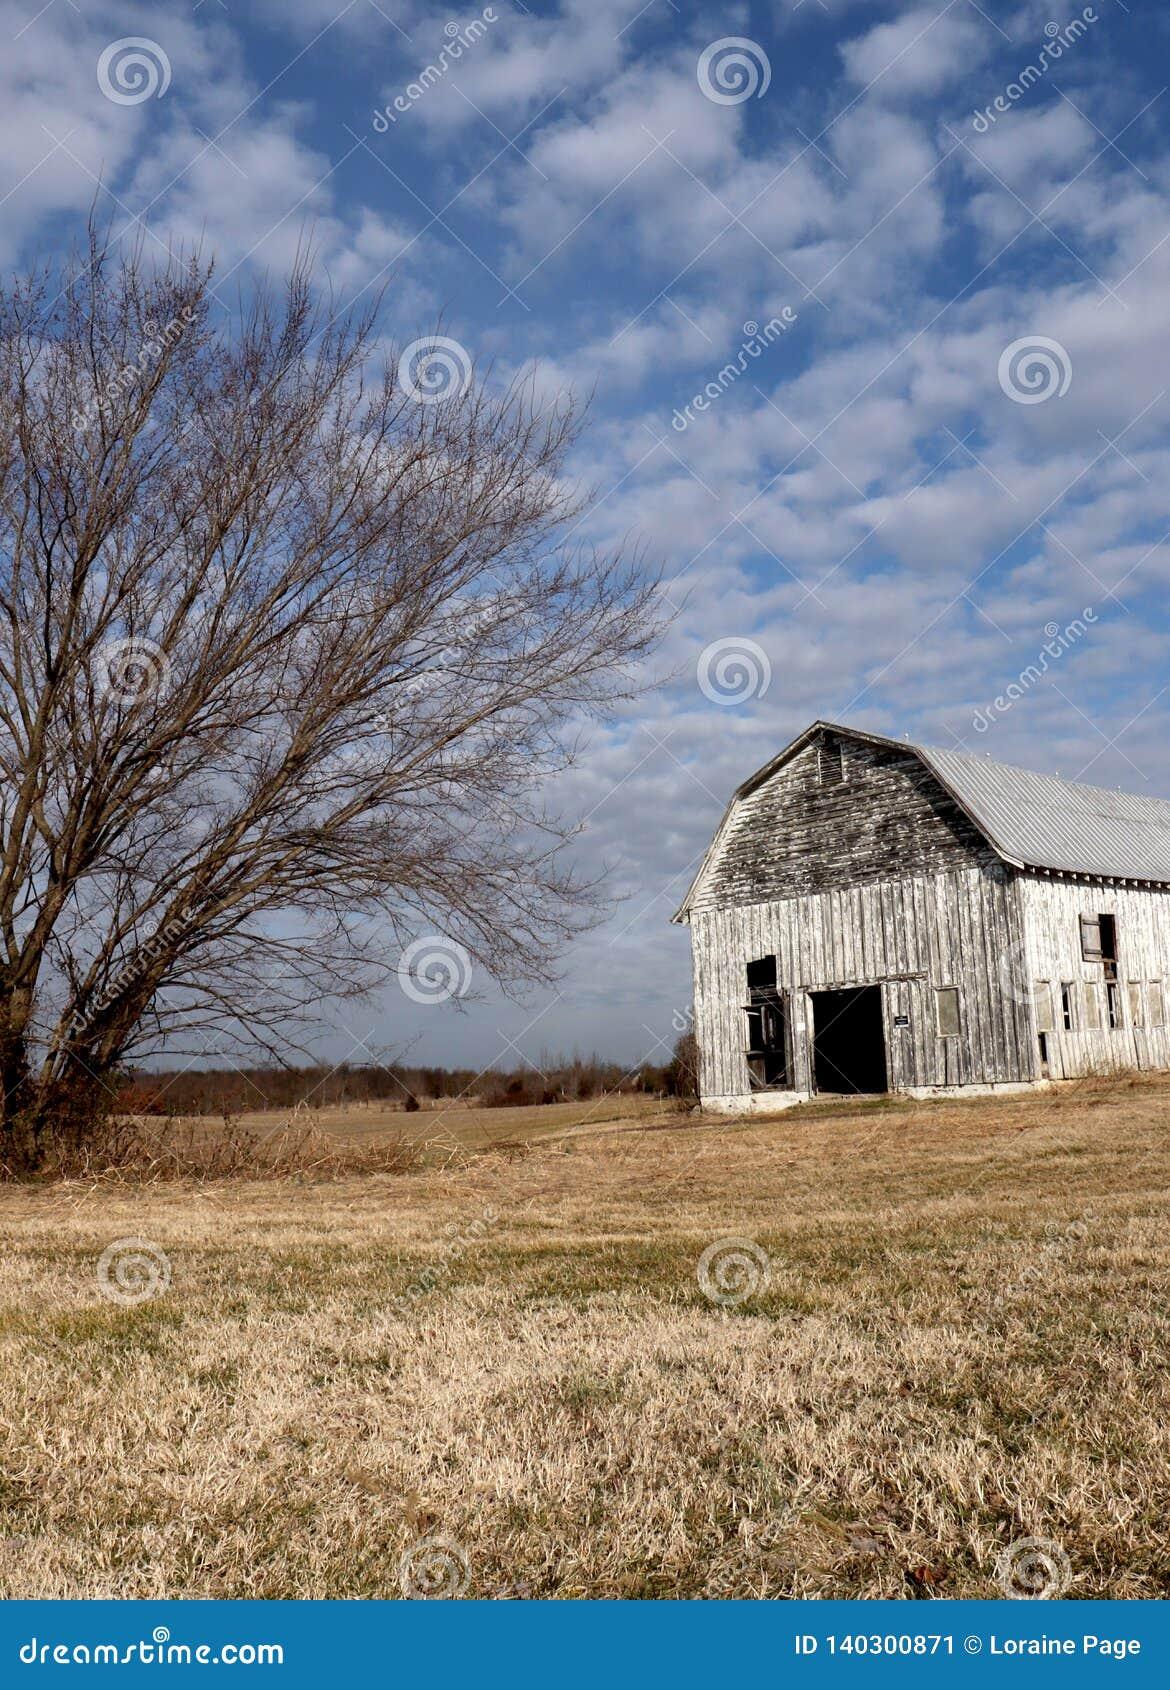 Η σιταποθήκη και το ενιαίο δέντρο μαζί με στερεωμένο το σύννεφο ουρανό και την κοιμισμένη χλόη κάνουν αυτό μια αναγκάζοντας χειμε